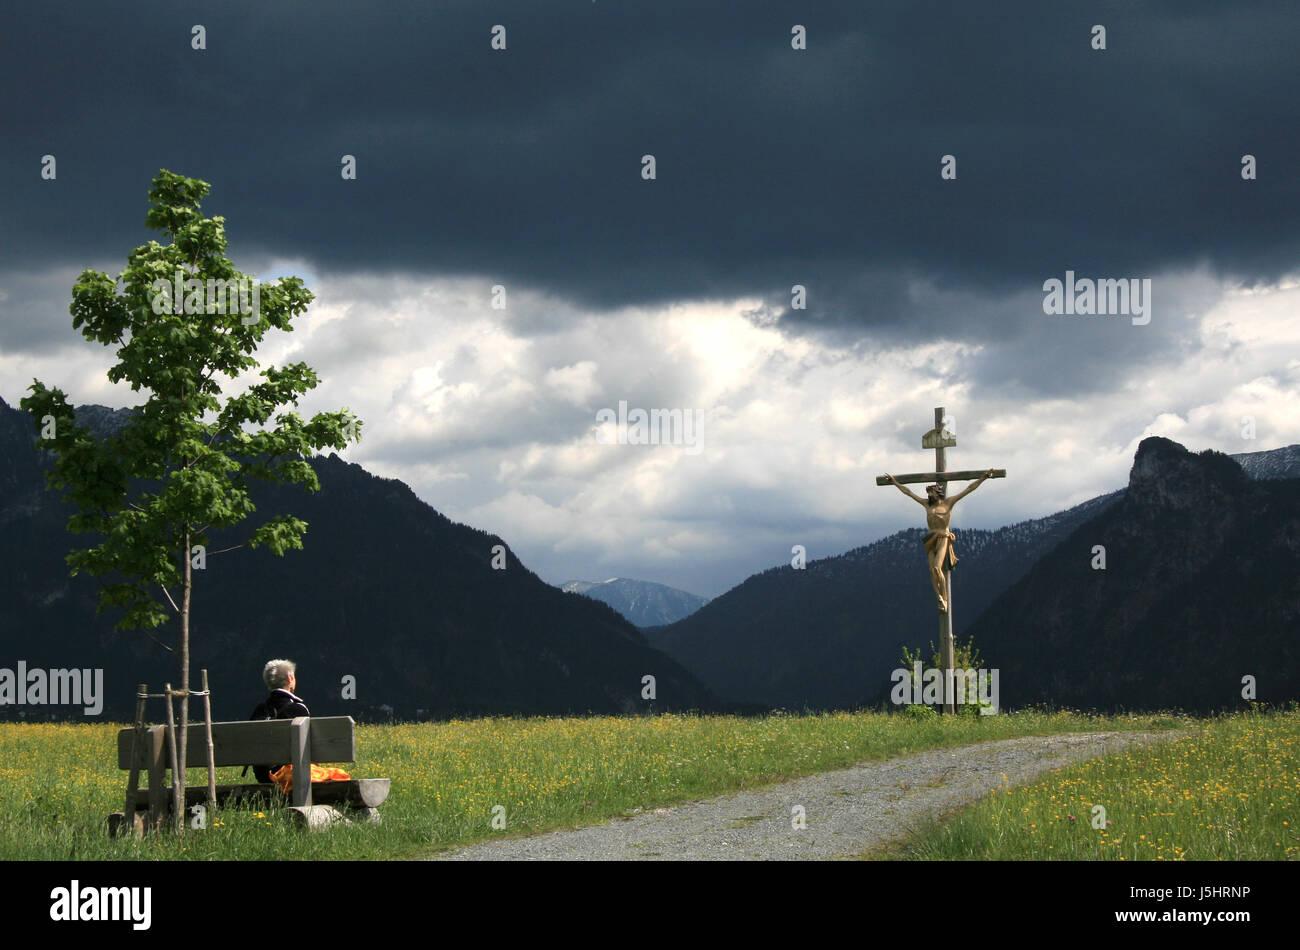 La Credenza Religiosa : Donna religione credenza religiosa dio albero femmina collina